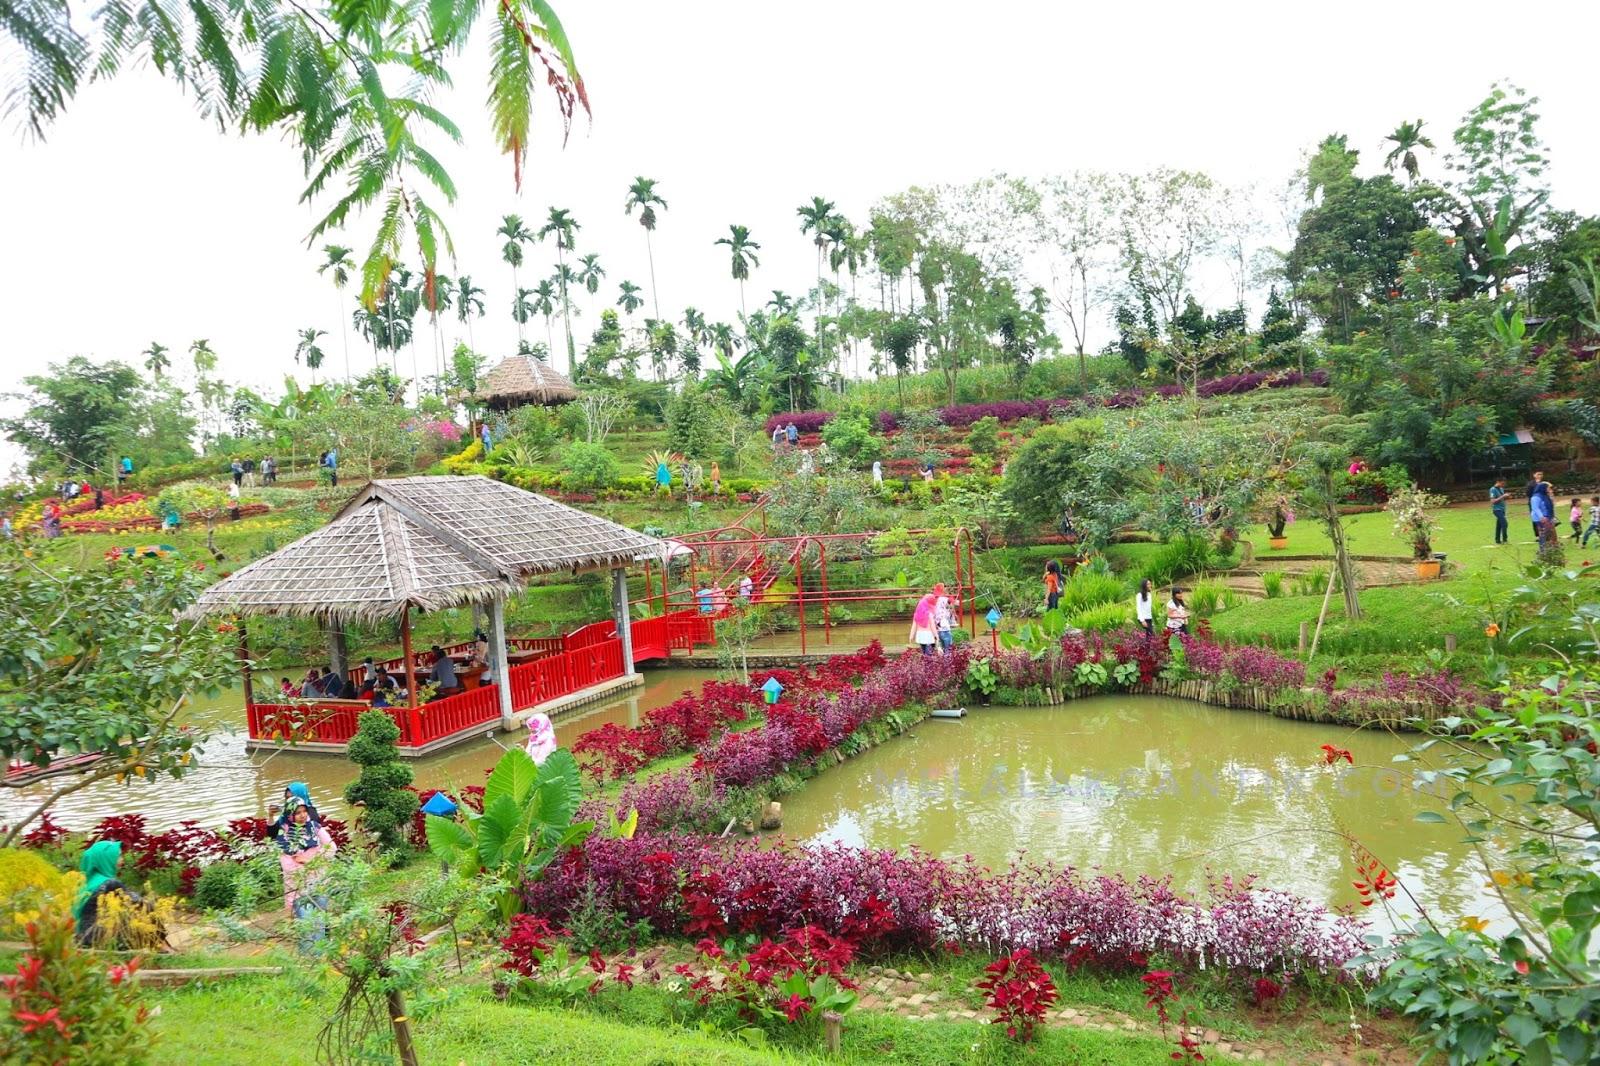 5 Destinasi Wisata Favorit Yang Paling Sering Dikunjungi di Kota Medan 5